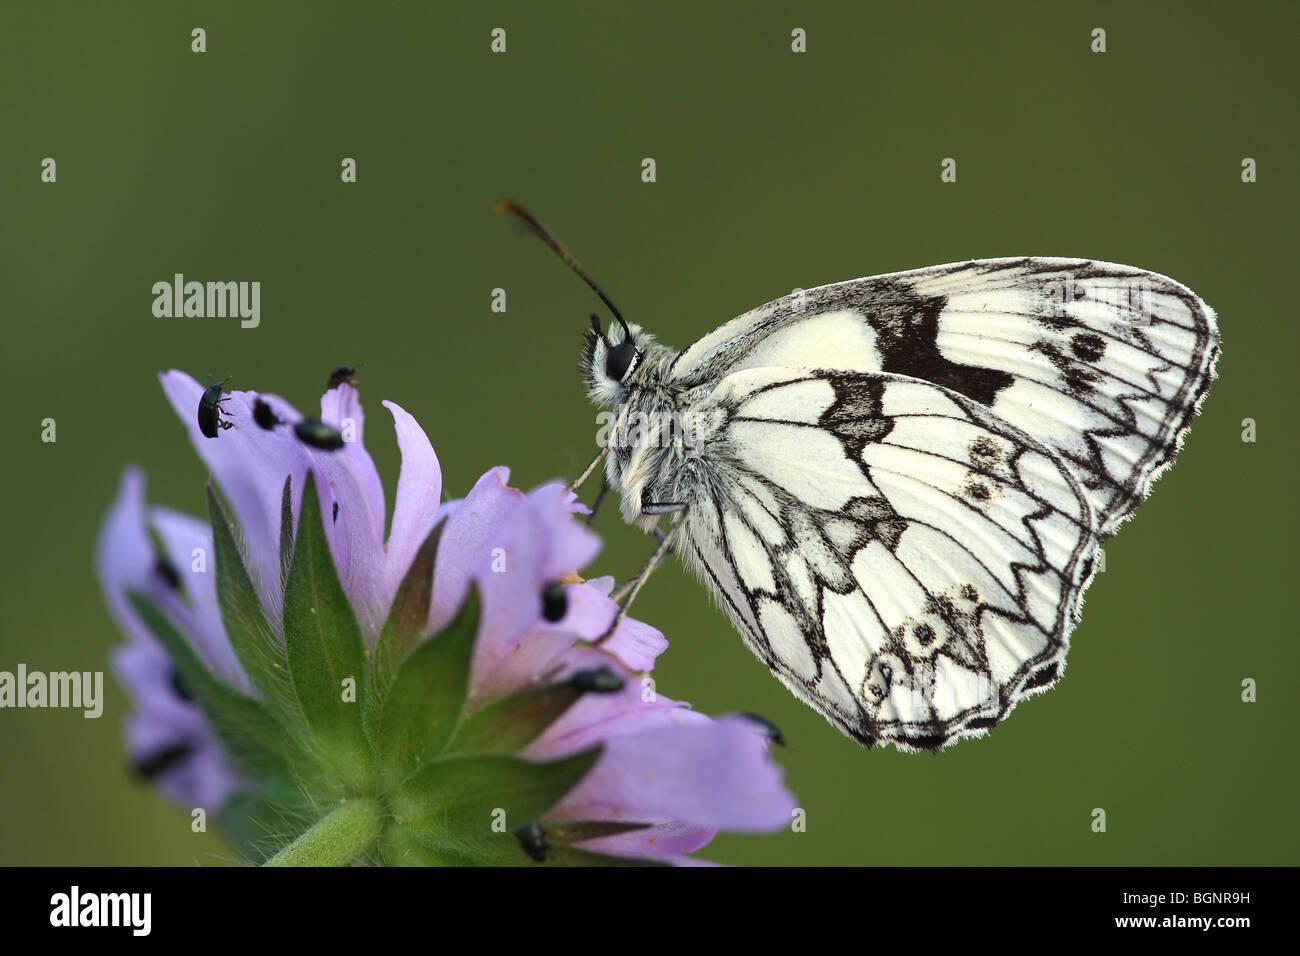 Marbled white (Melanargia galathea) resting on Field scabious flower (Knautia arvensis) - Stock Image